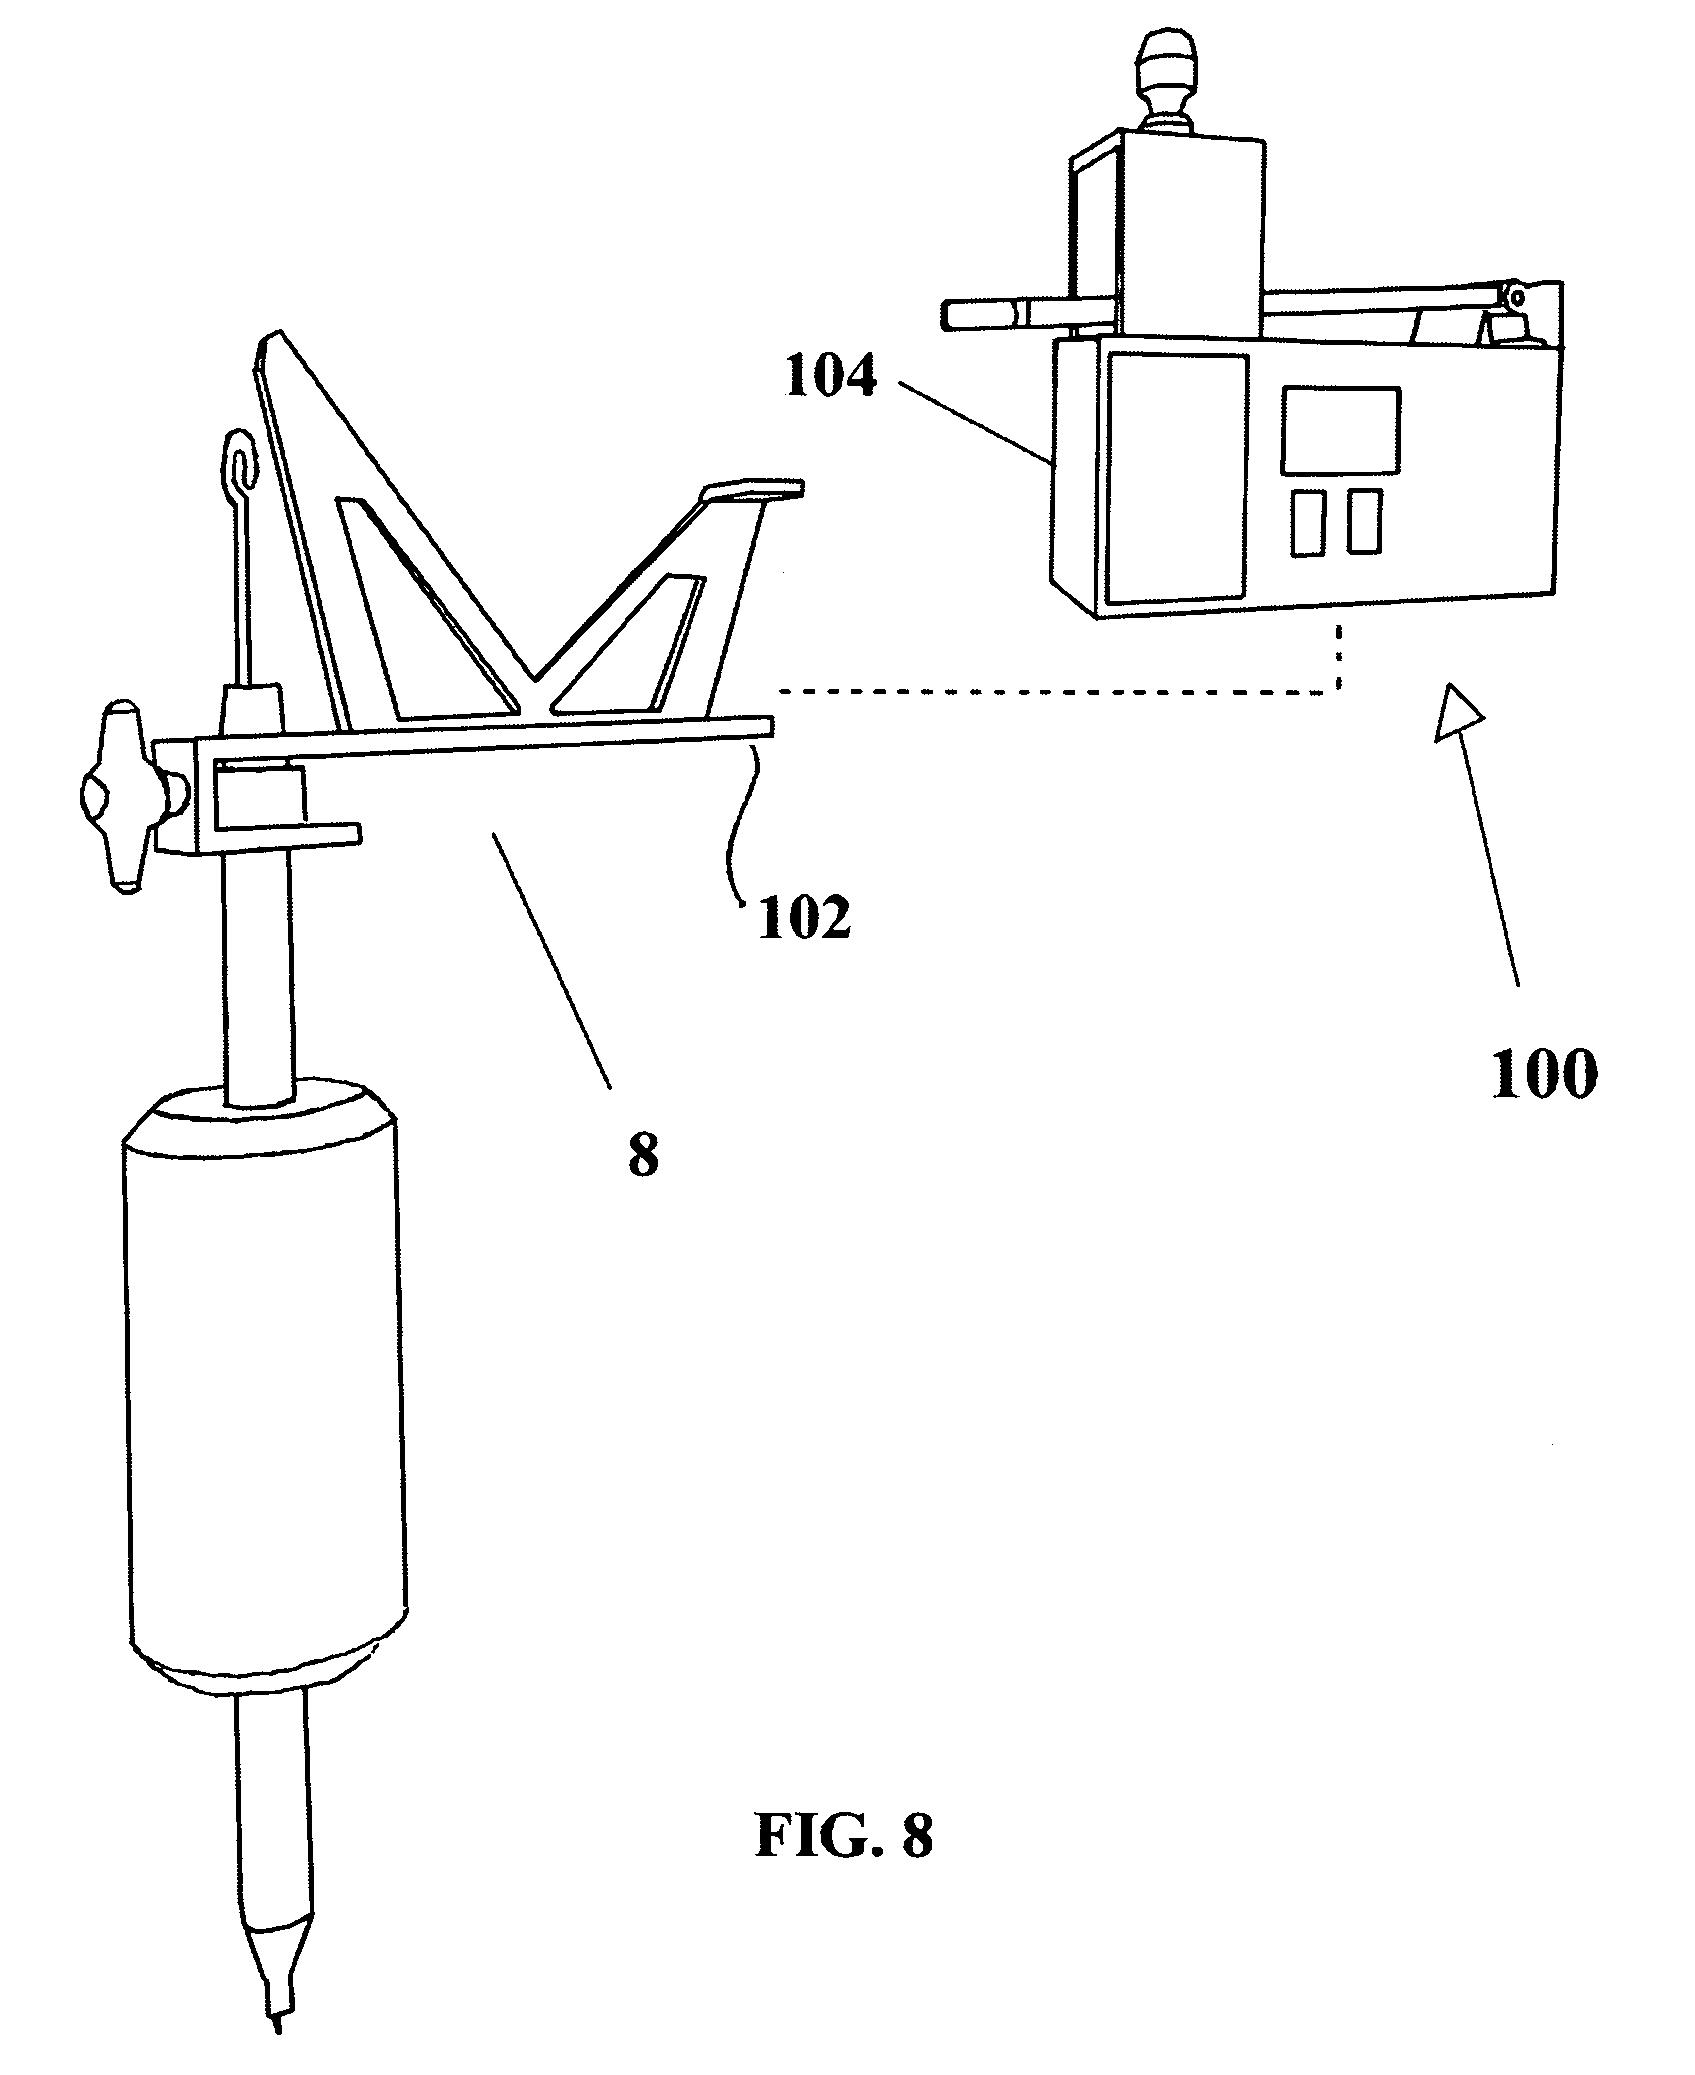 patent us20100241151